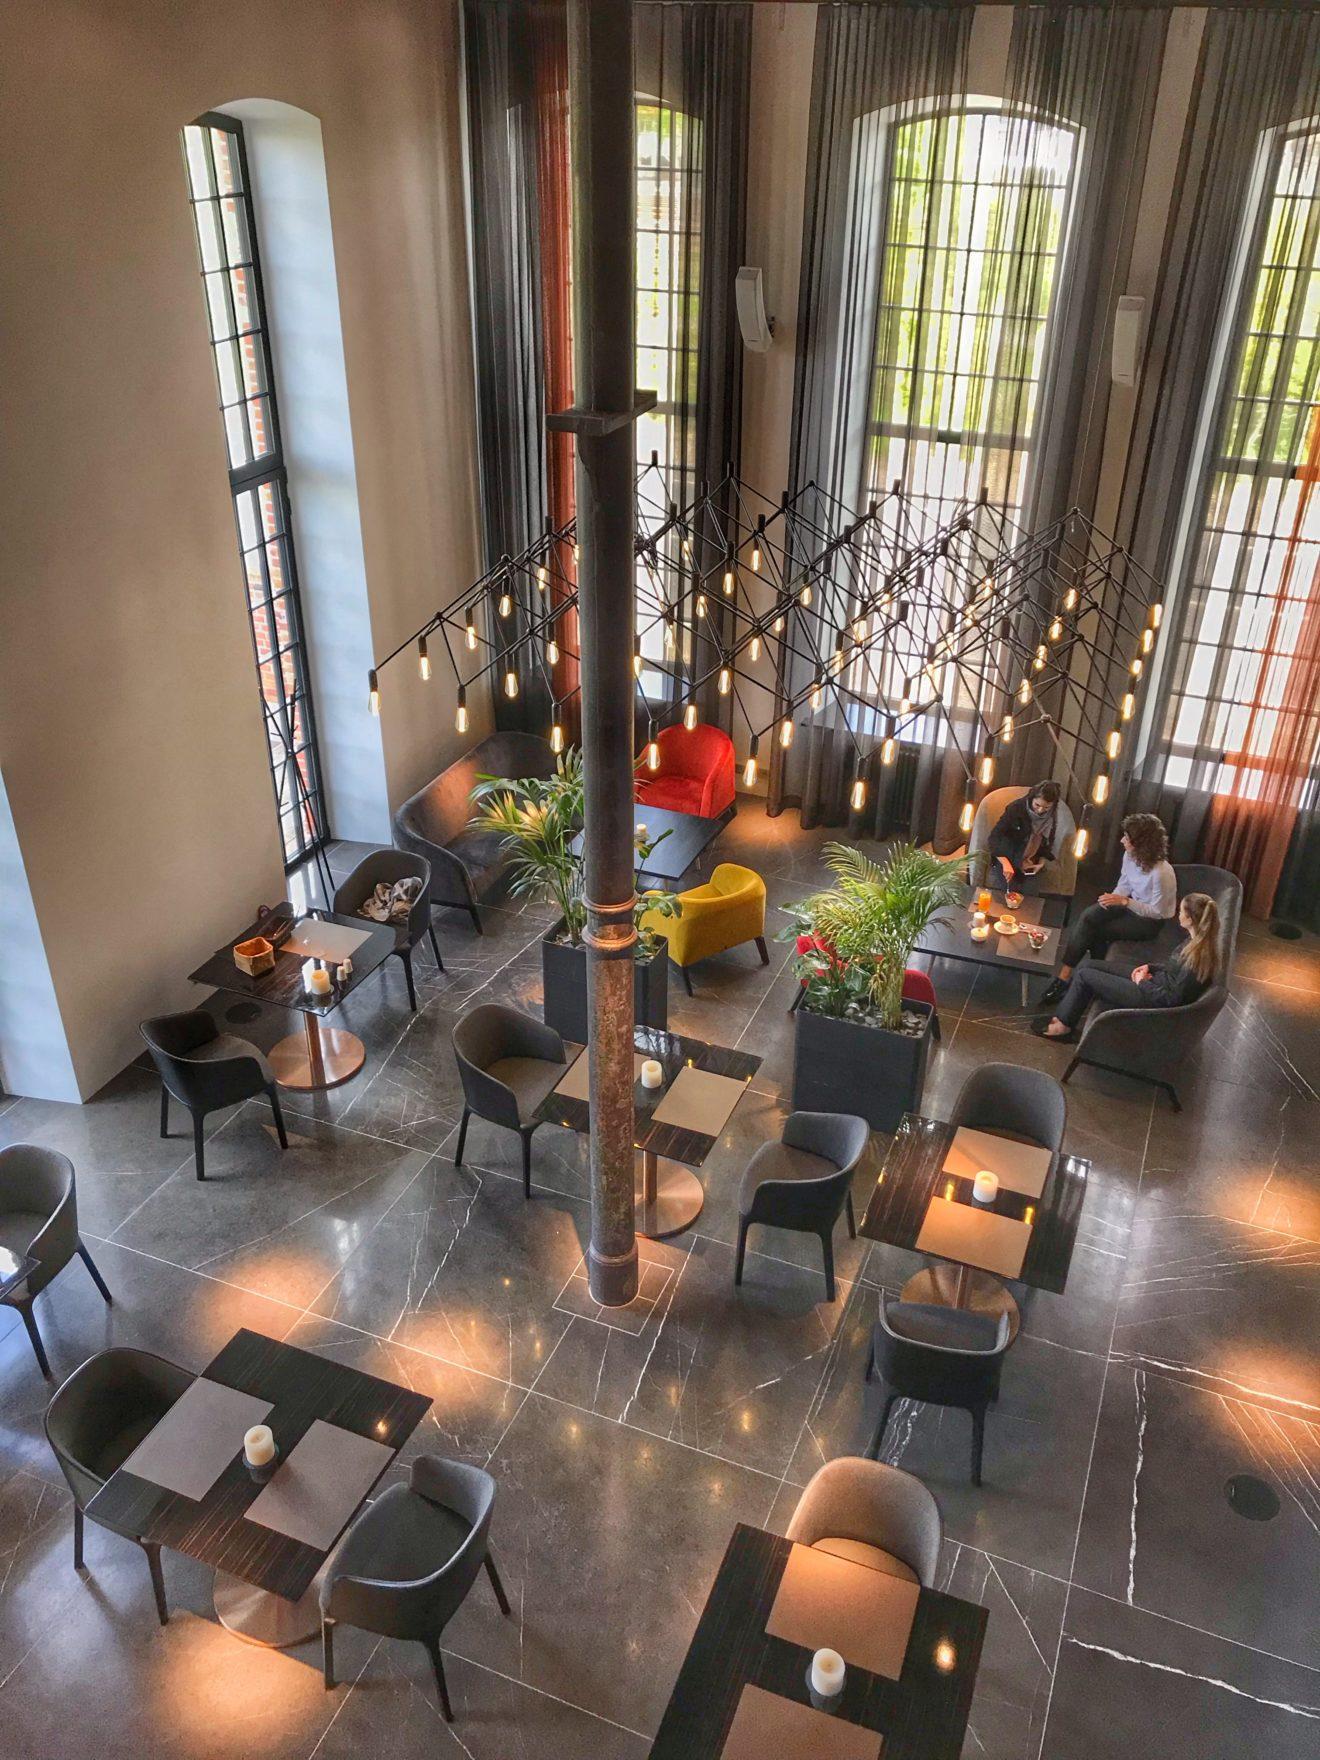 Gorzelnia Hotel & Restauracja